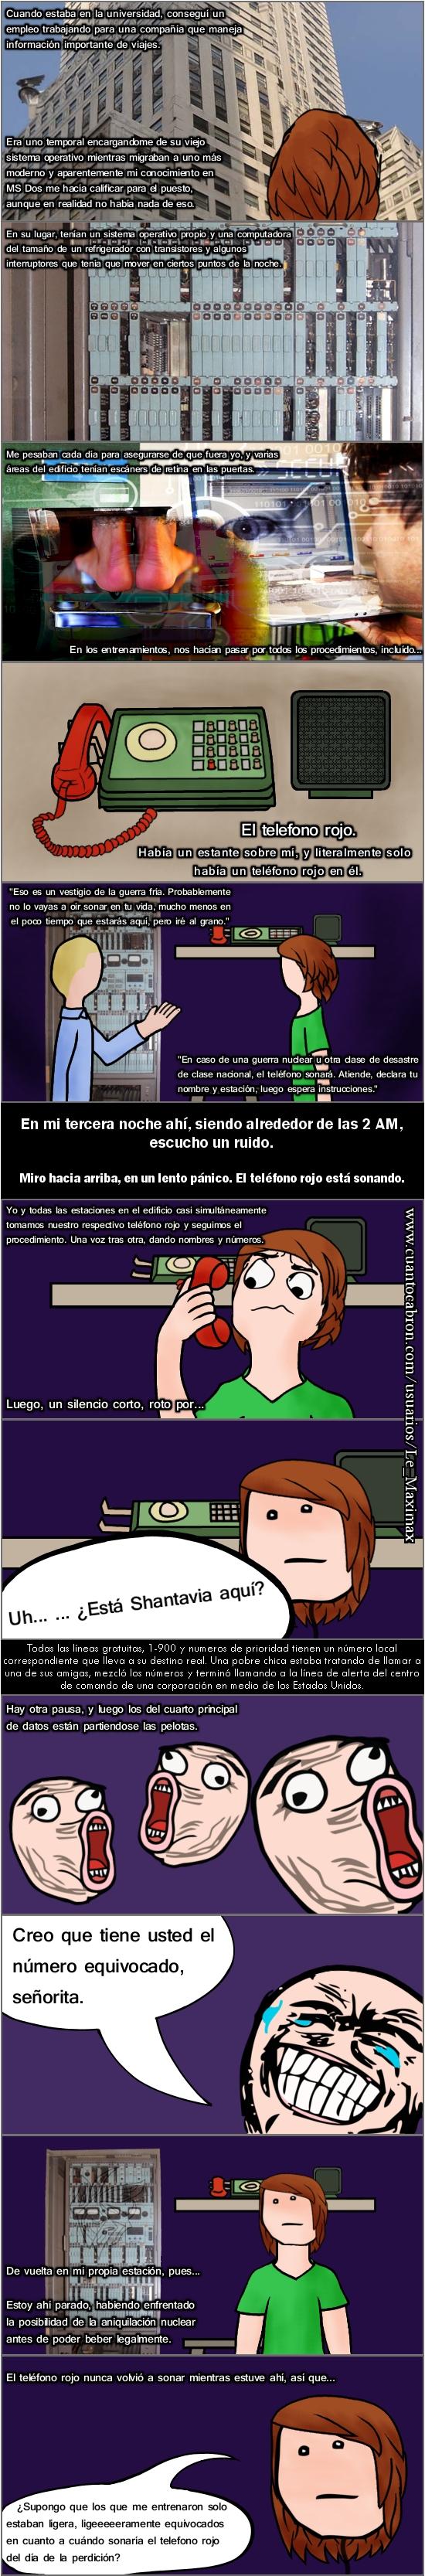 Pokerface - La historia del teléfono rojo